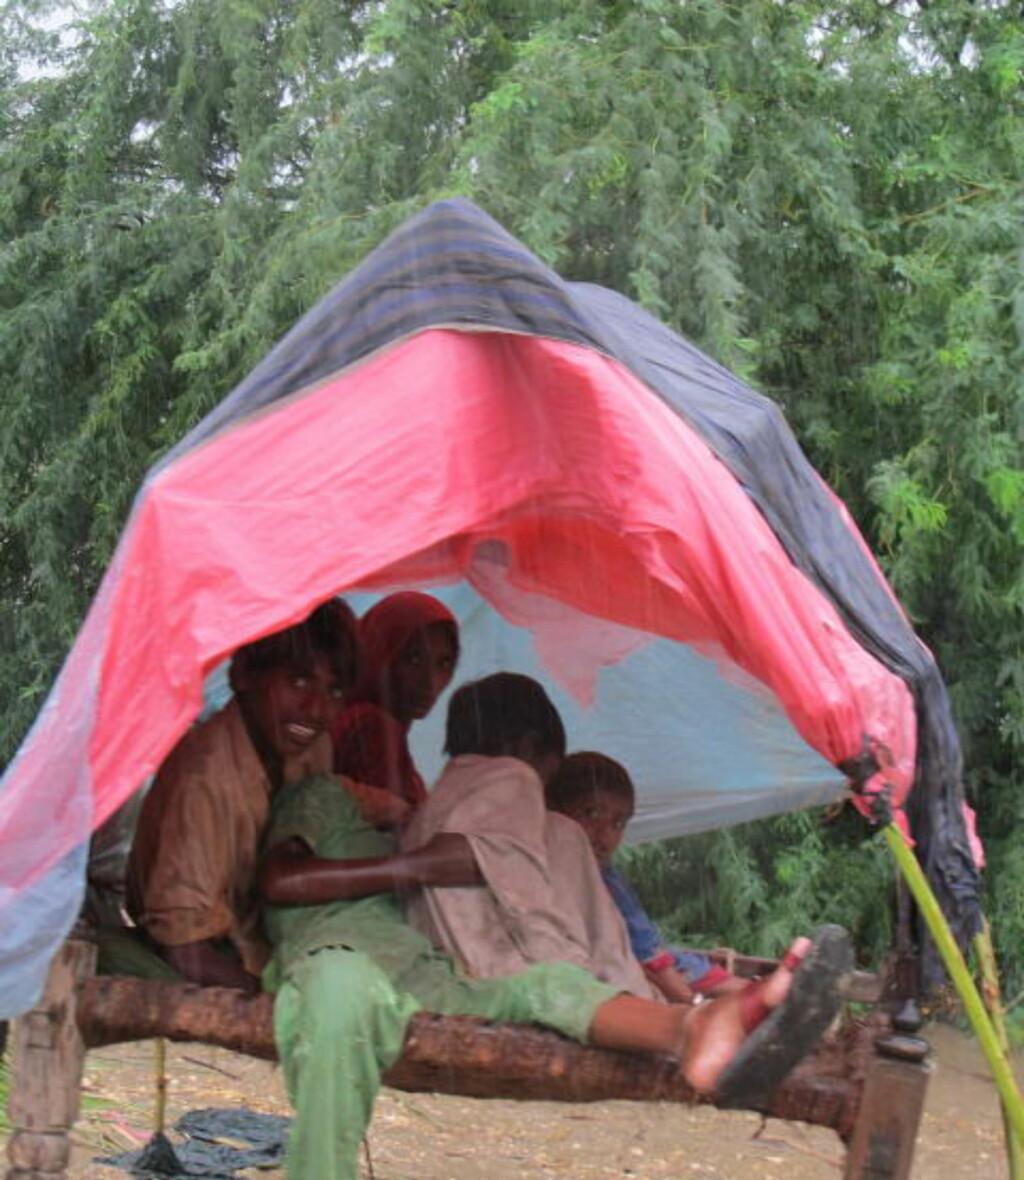 NØD: En familie søker ly for regnet etter at huset deres er skylt bort av vannmassene. Totalt er 1,2 millioner hus ødelagt, 1,8 millioner mål med jord under vann og 300 000 mennesker er hjemløse. Foto: Mohammad Naeem/Kirkens Nødhjelp